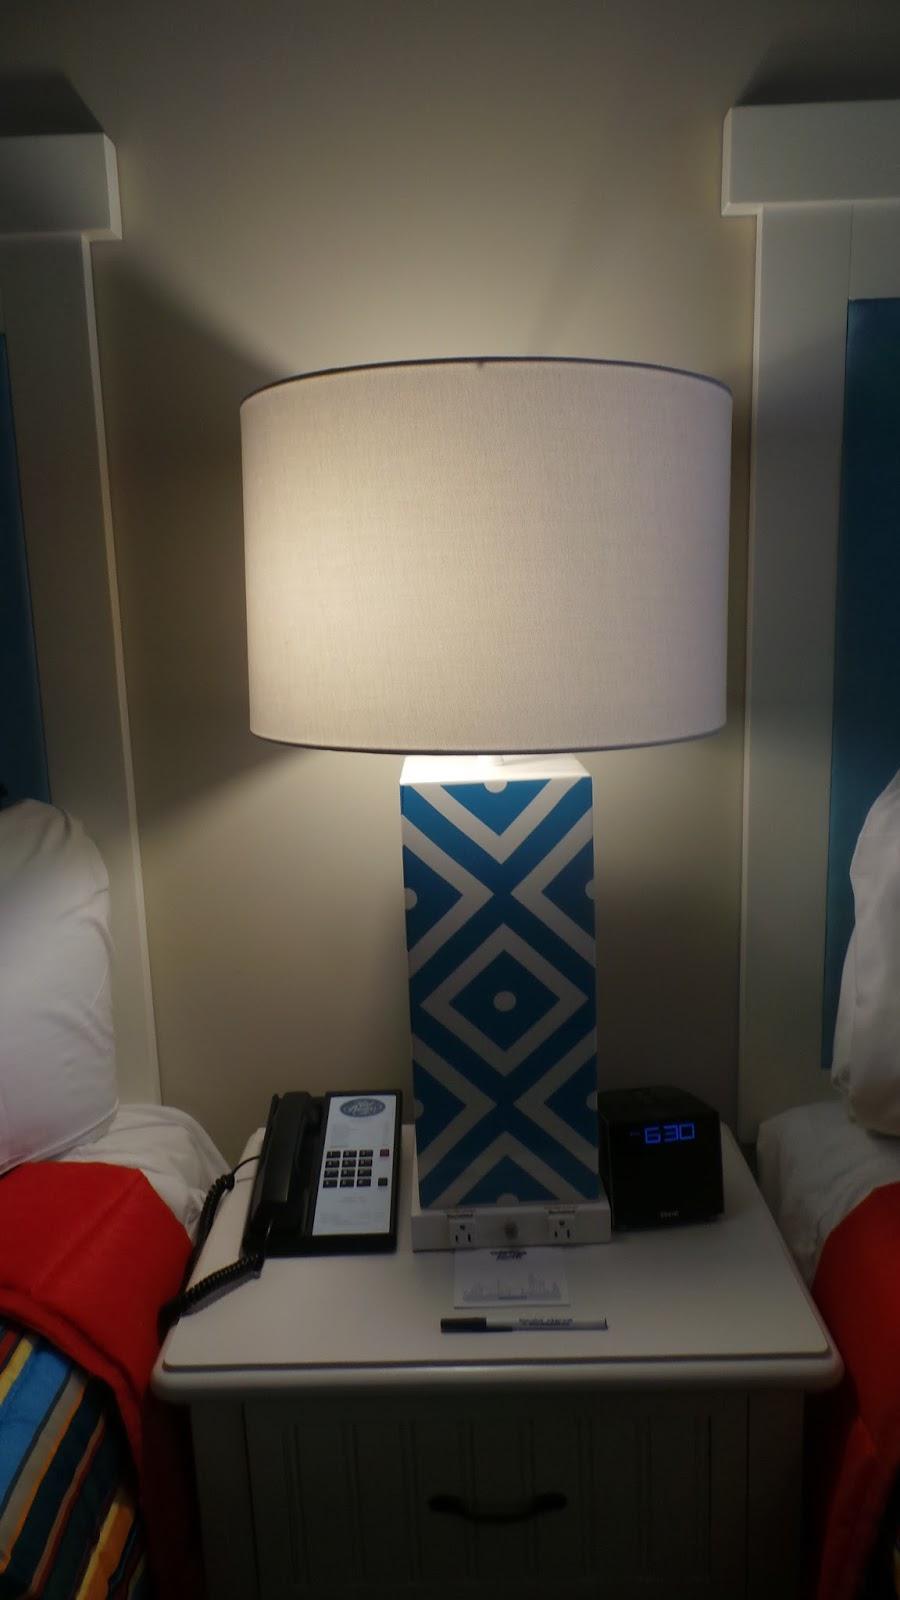 Hotel Room Attendant Jobs Perth Wa